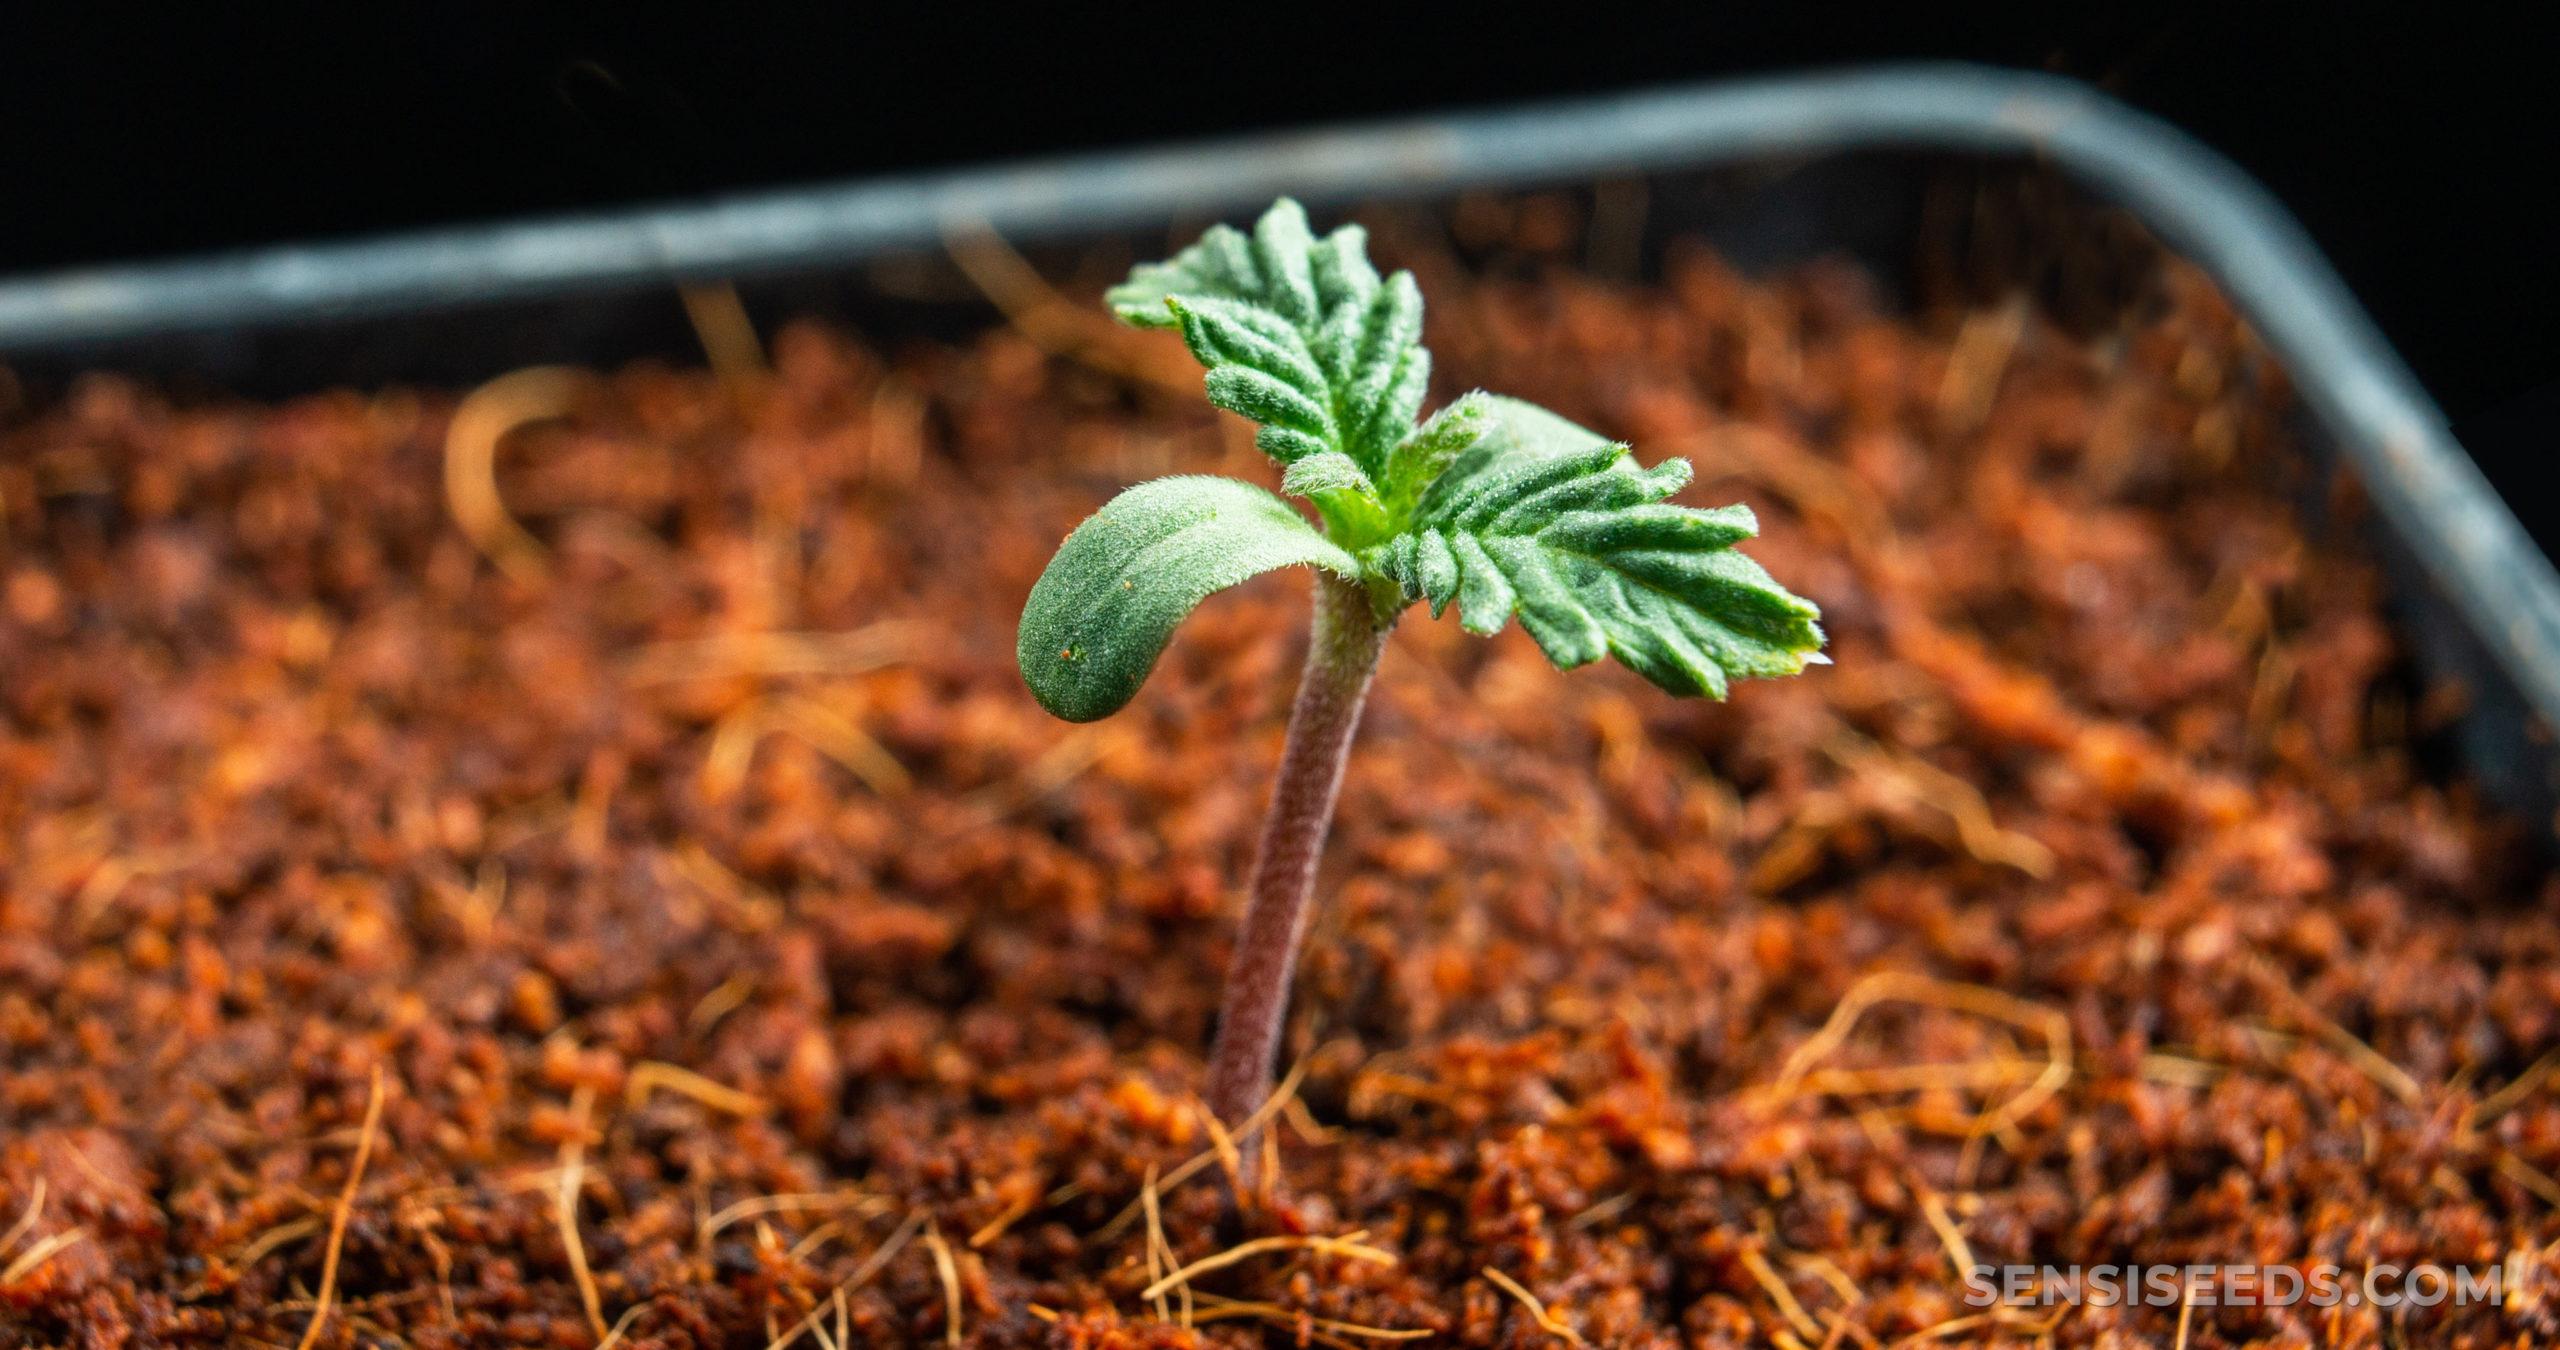 Une petite plante germinant du sol